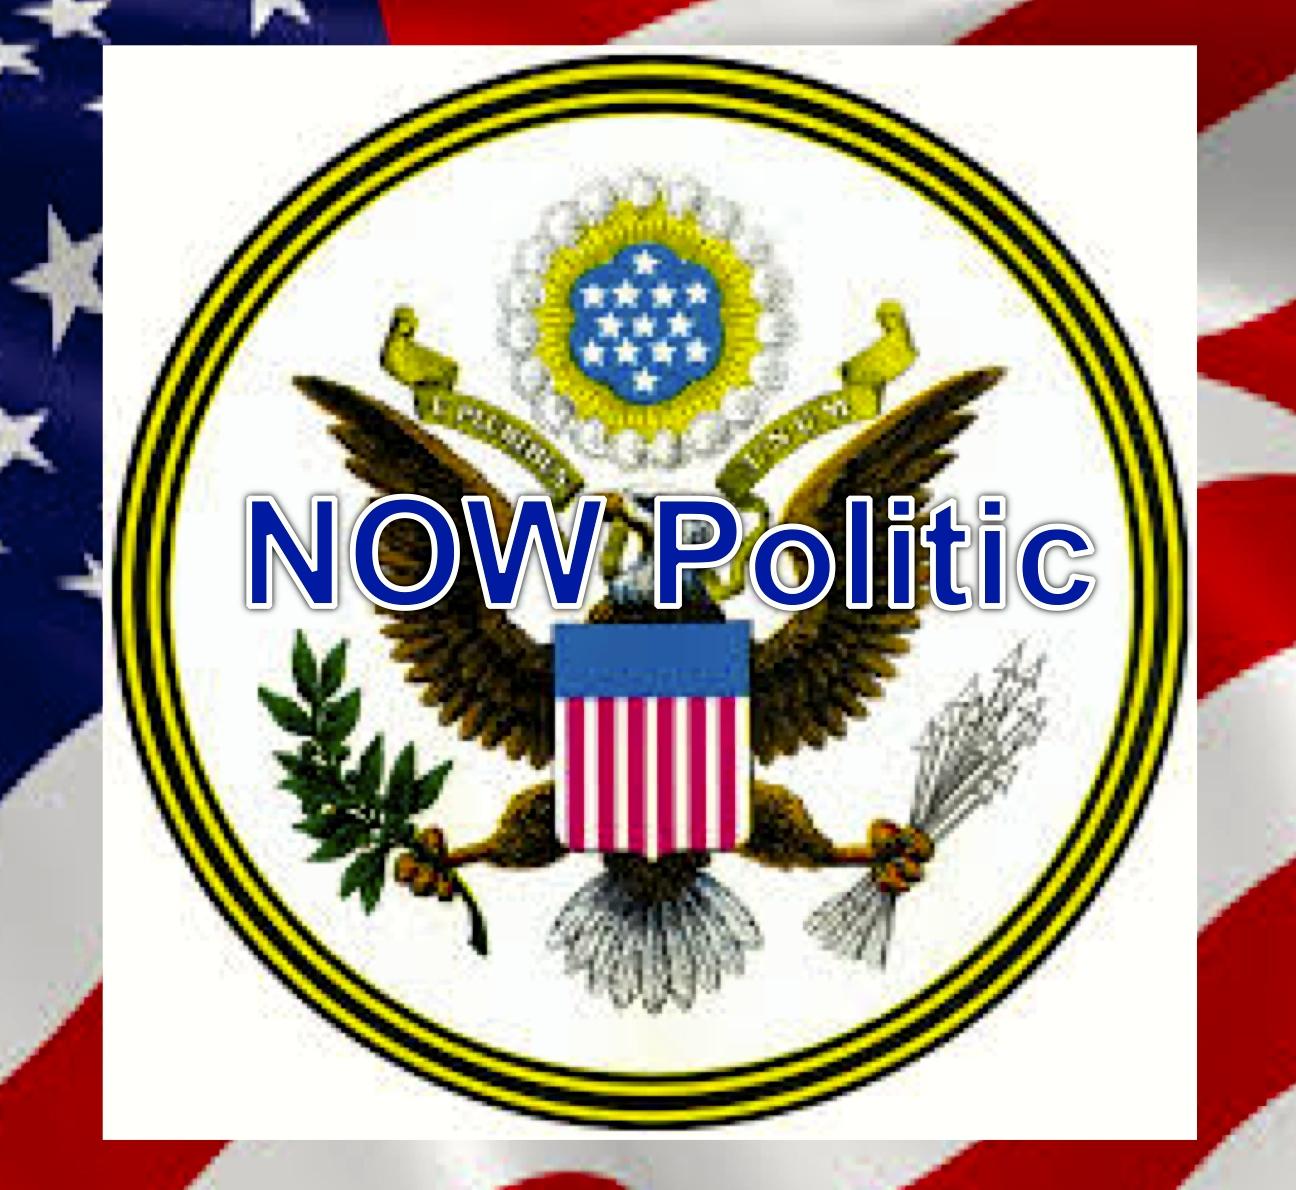 NOW Politic